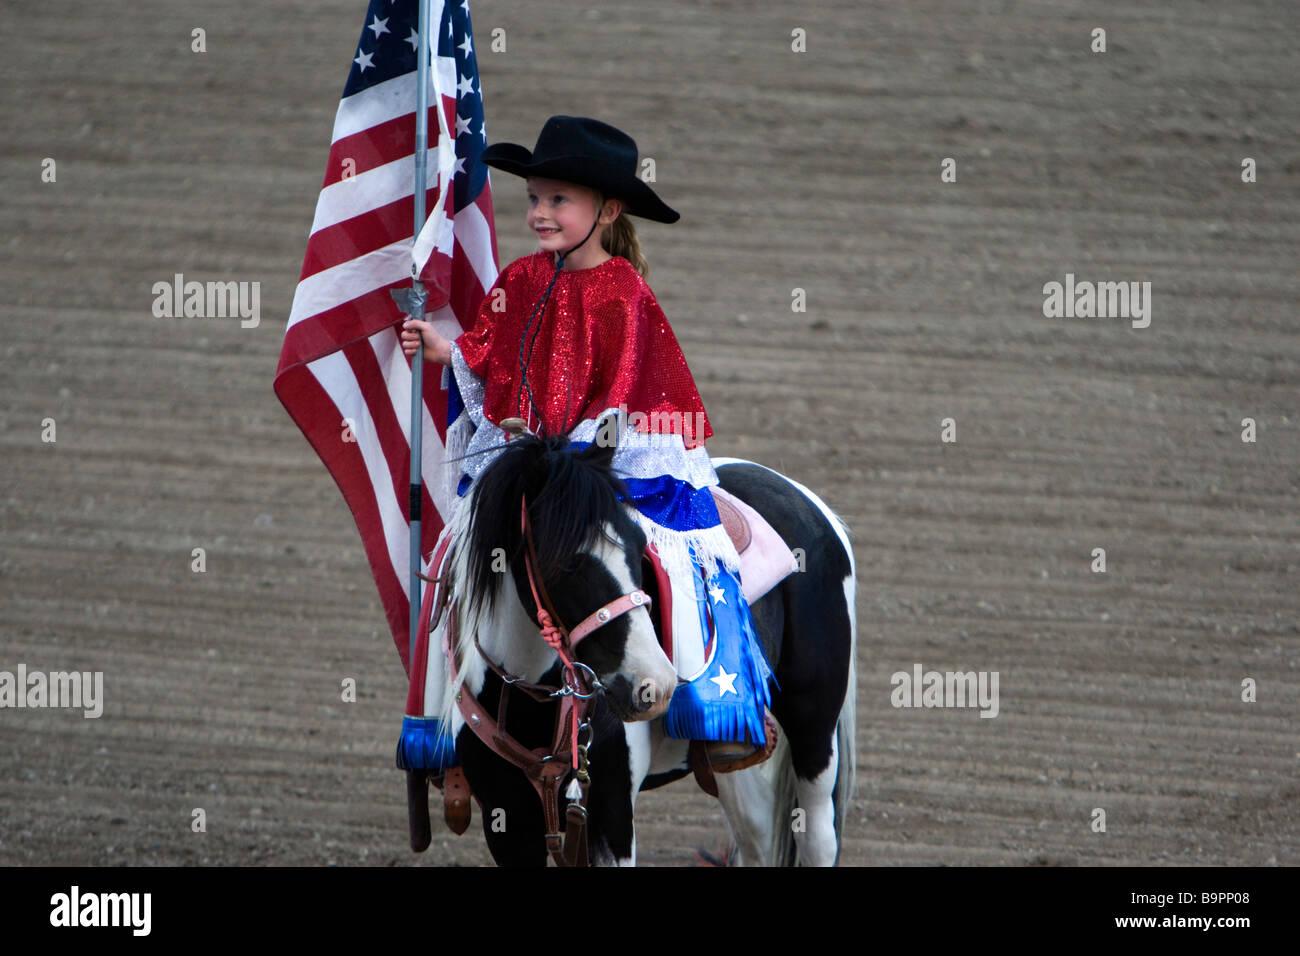 Cody Nite Rodeo Stock Photos Amp Cody Nite Rodeo Stock